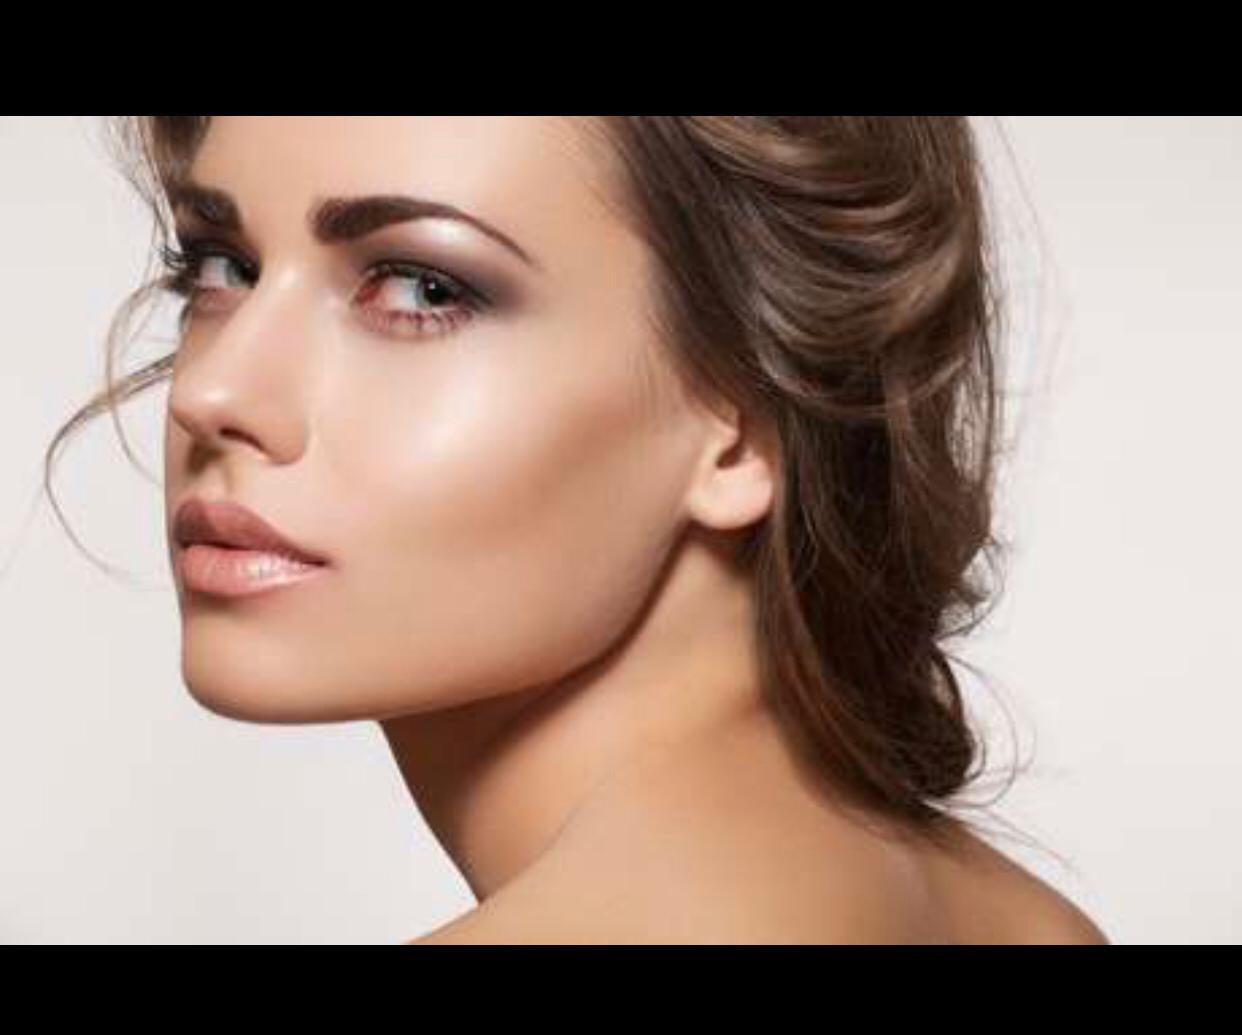 Maquiagem: A escolha certa da base